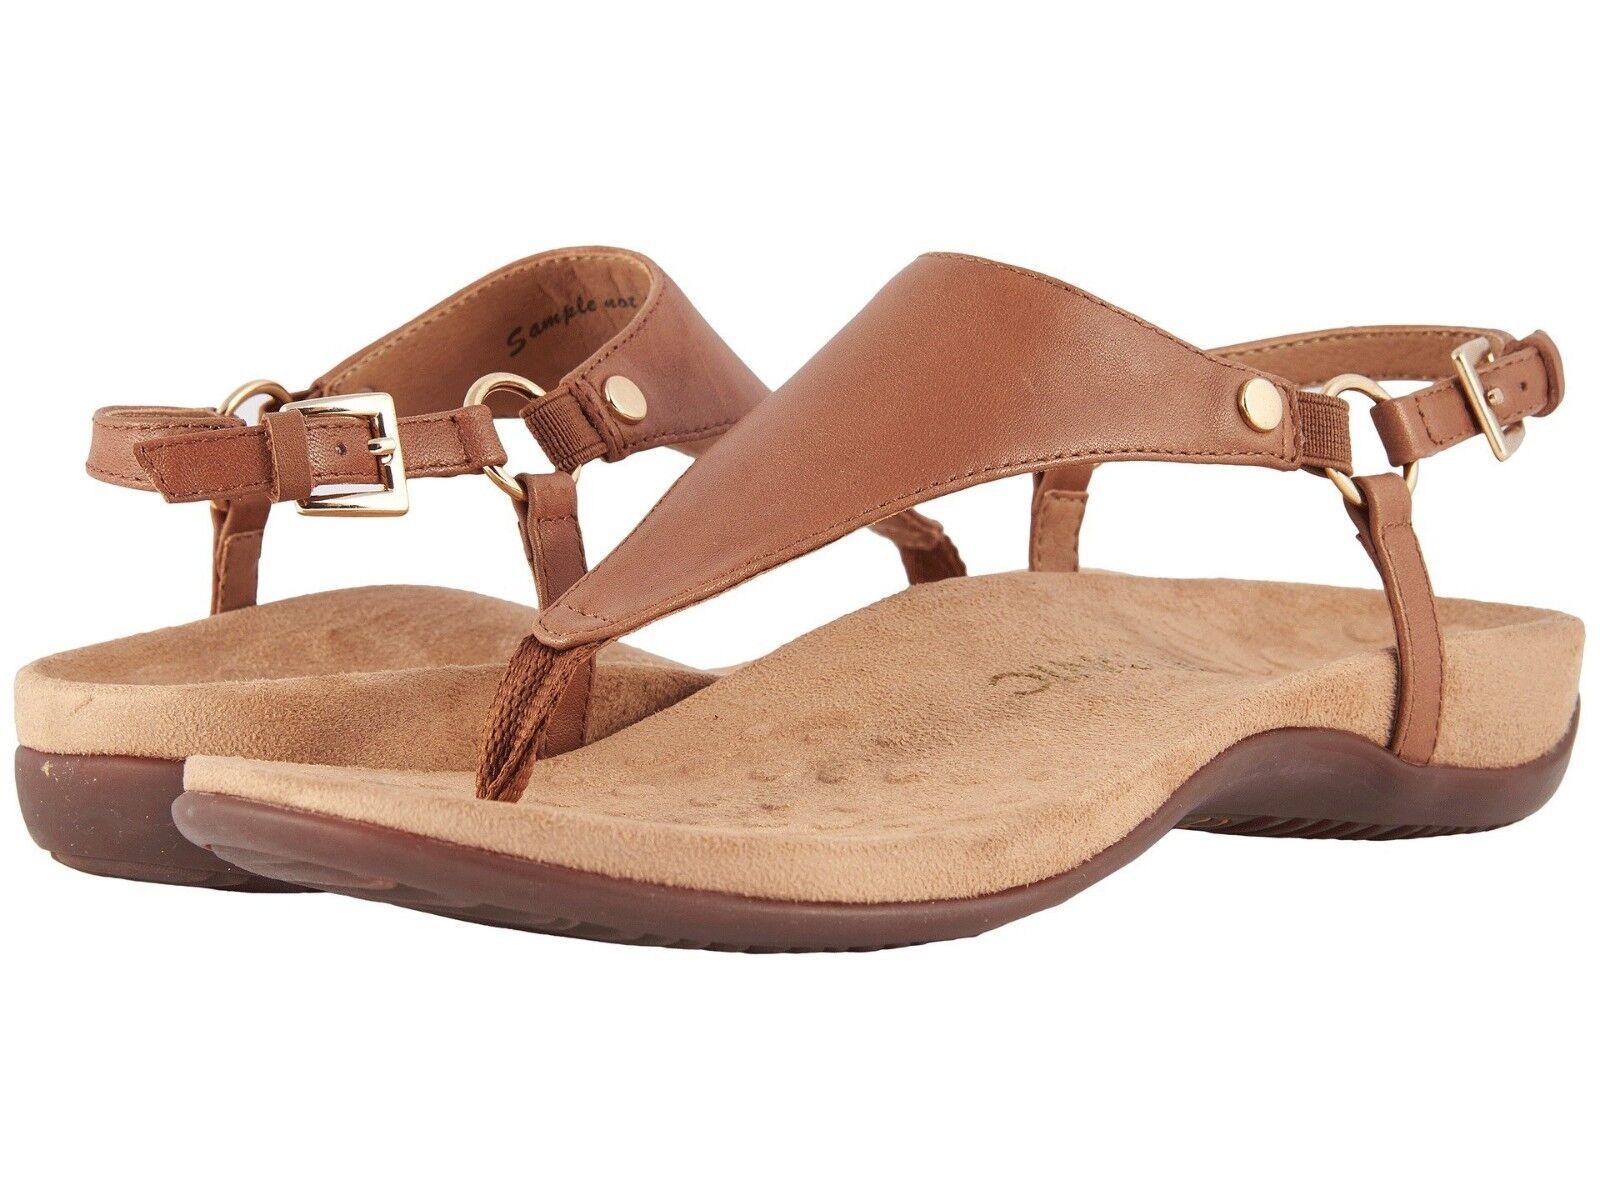 Cole Haan Women's Minetta Citrine Sandstone Leather Sandals